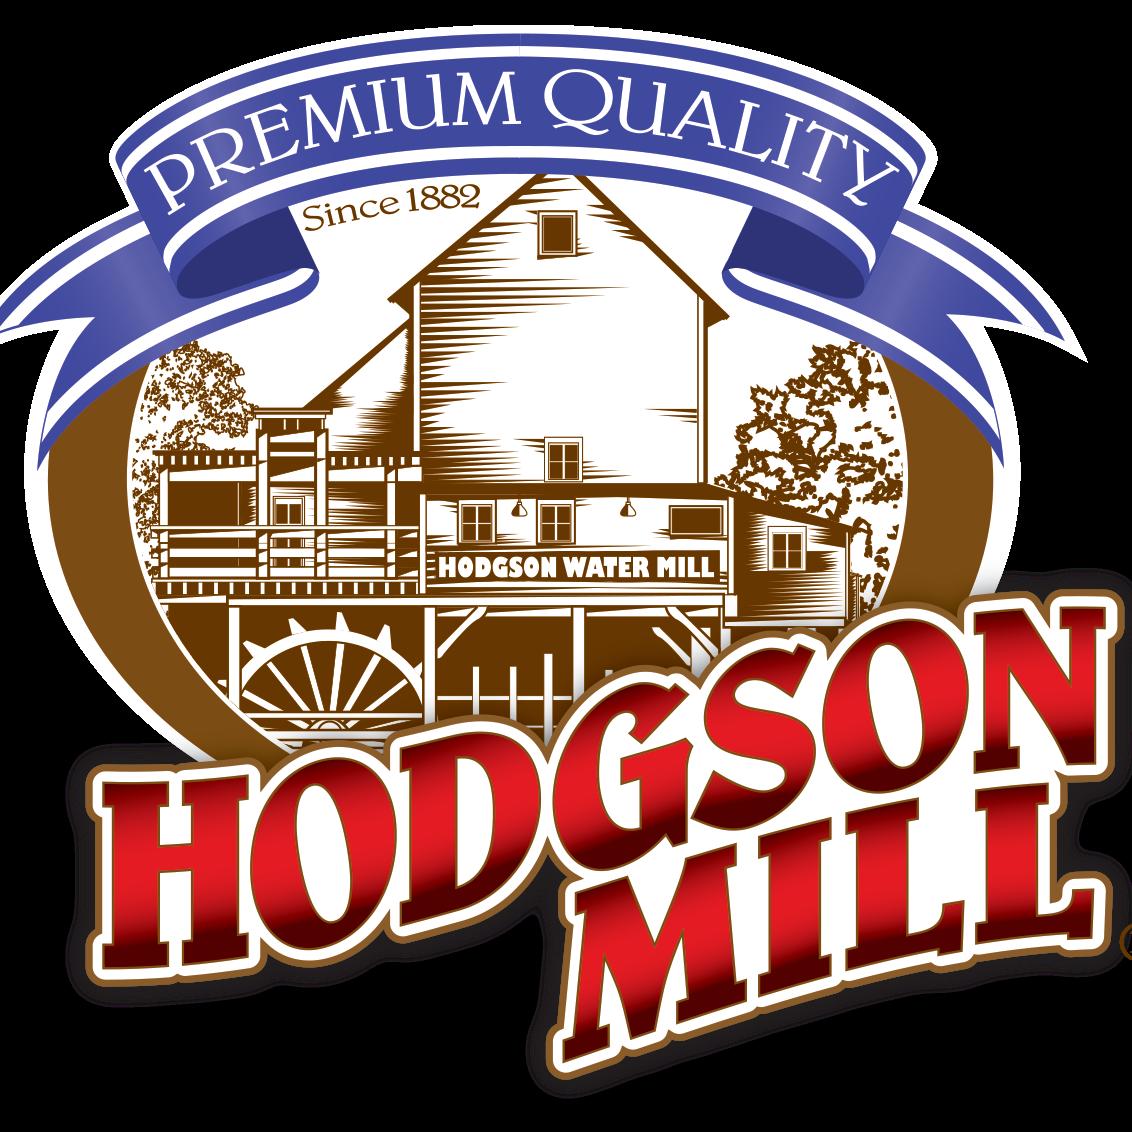 @HodgsonMill